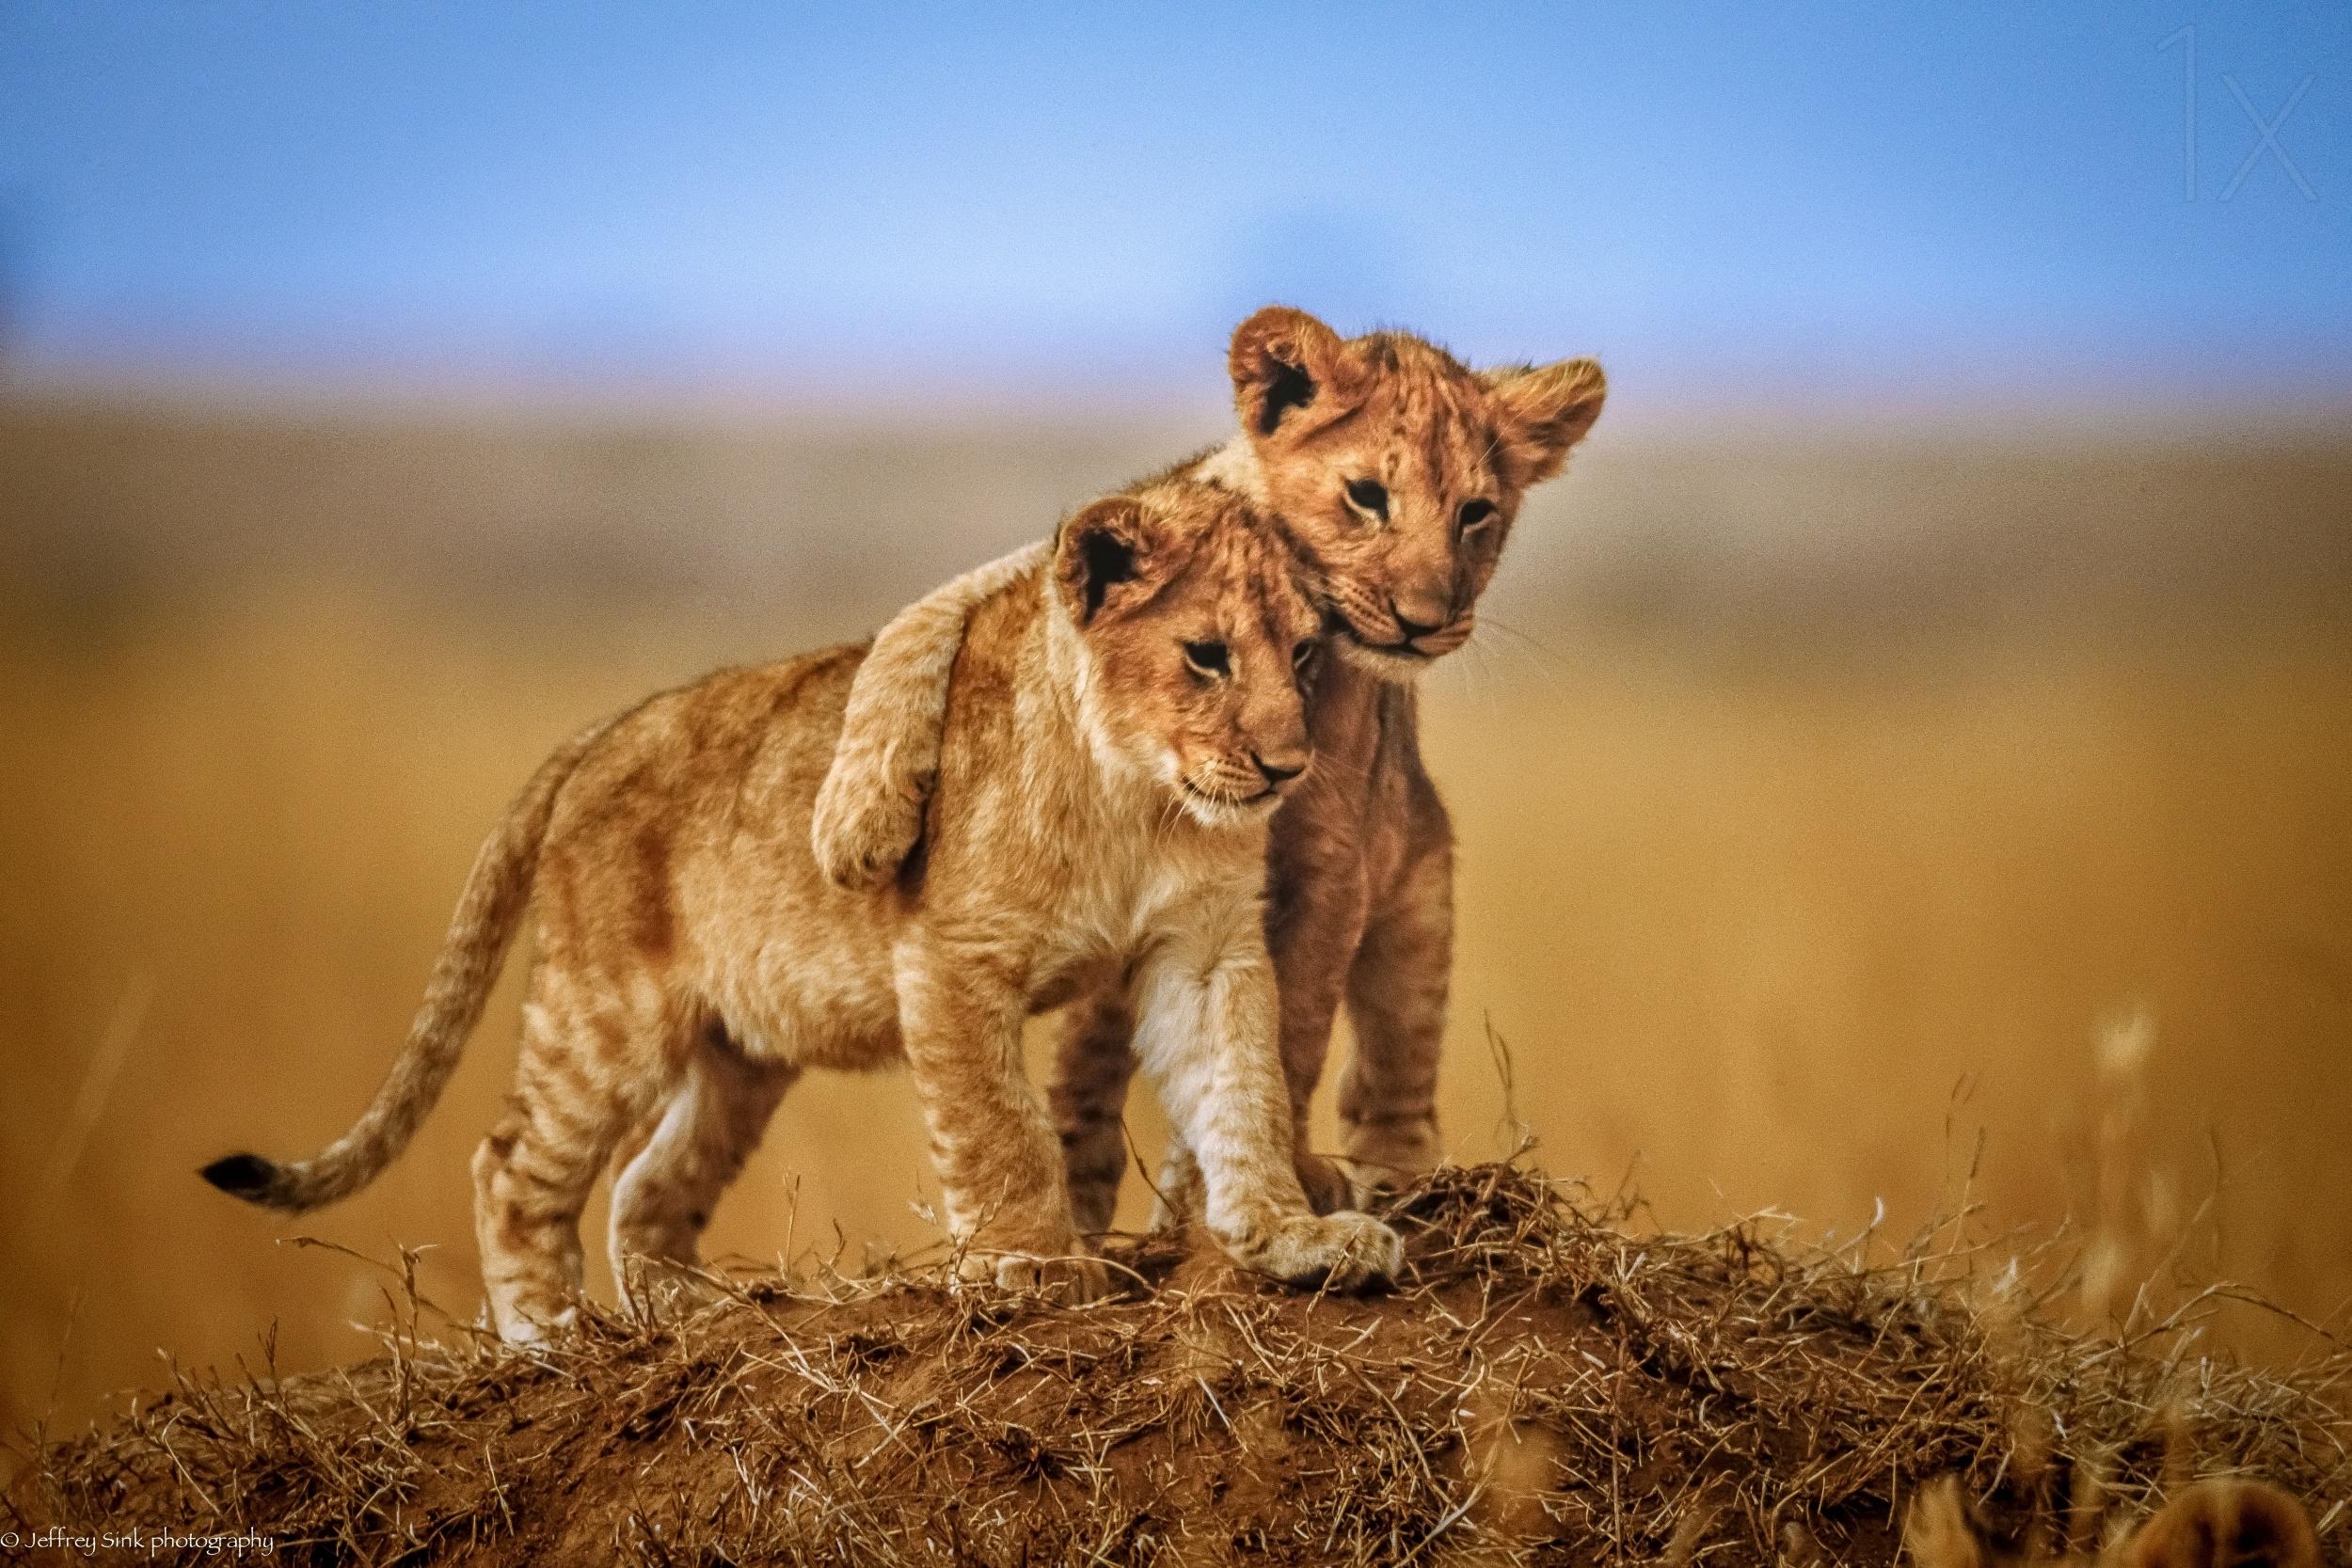 非洲草原上的精彩摄影作品